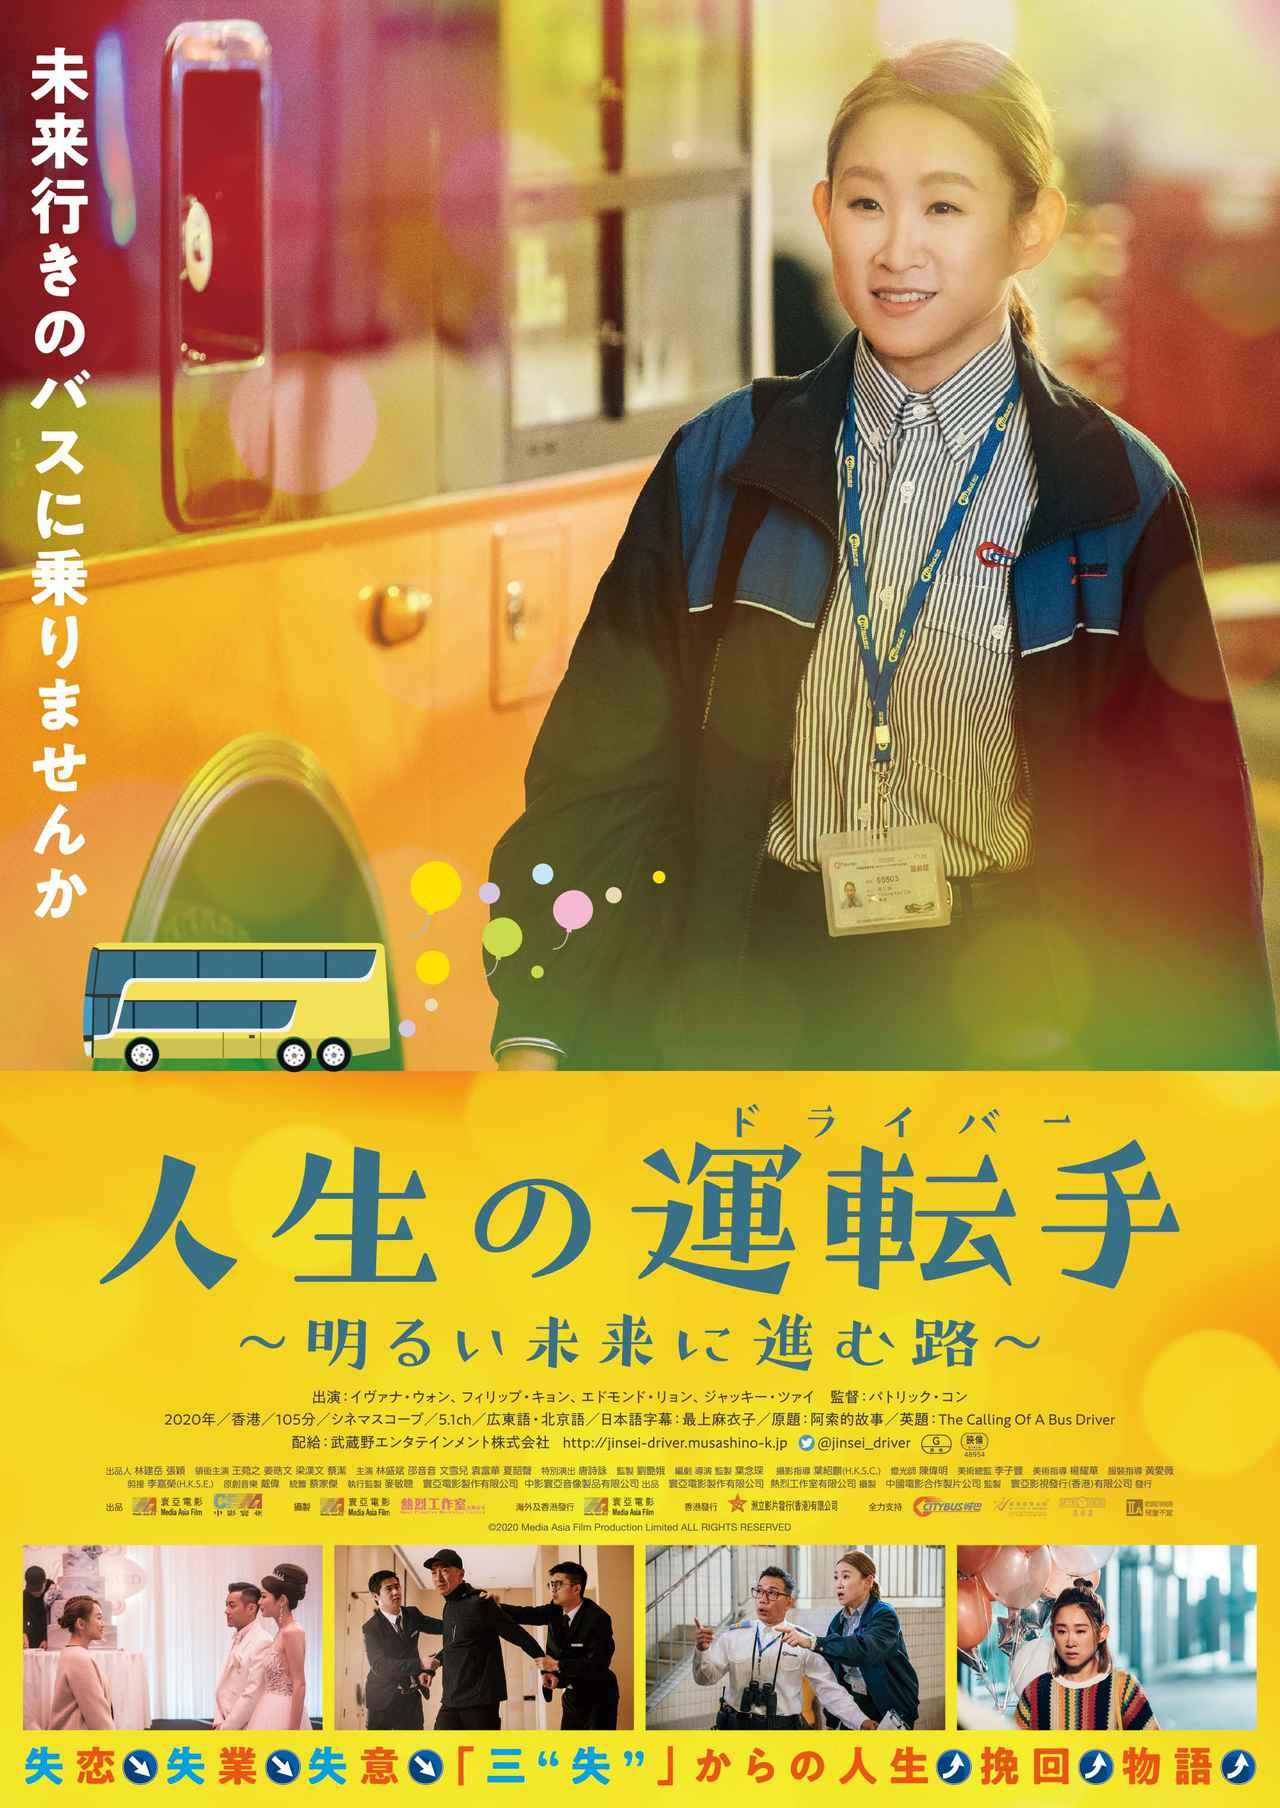 画像: 『人生の運転手(ドライバー)〜明るい未来に進む路〜』パトリック・コン監督、出演者から日本公開祝福コメントが到着!